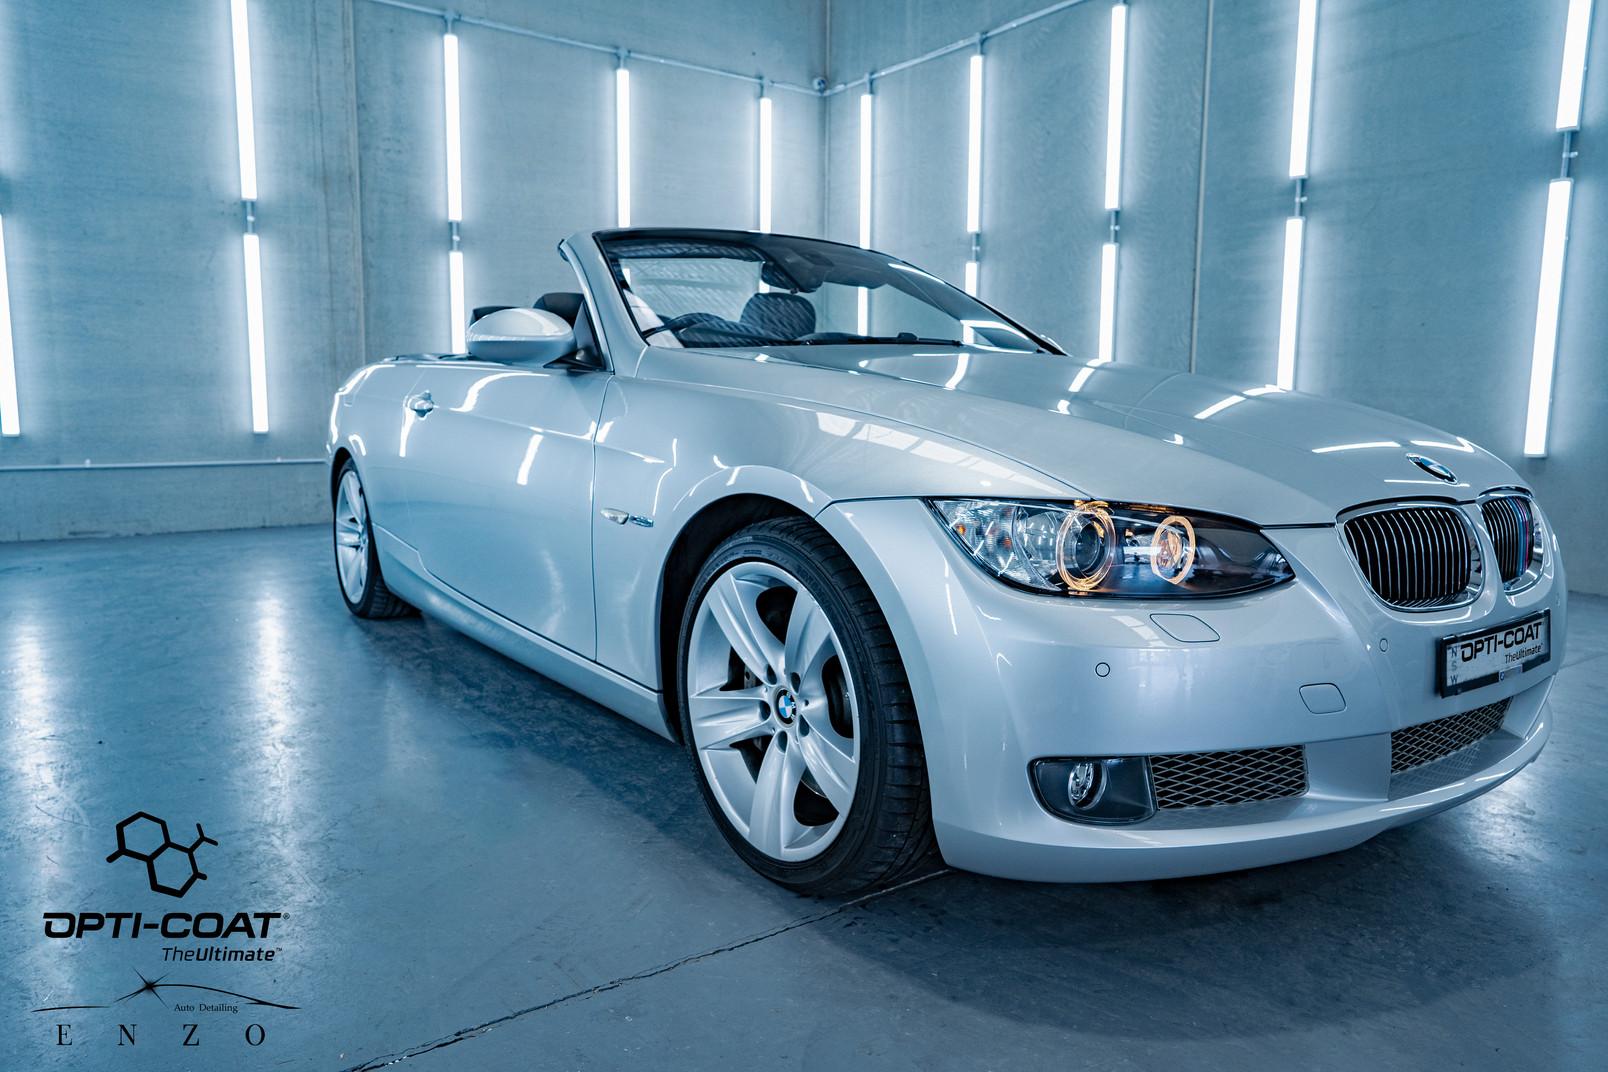 2009 BMW 335i - Opti-Coat Pro+